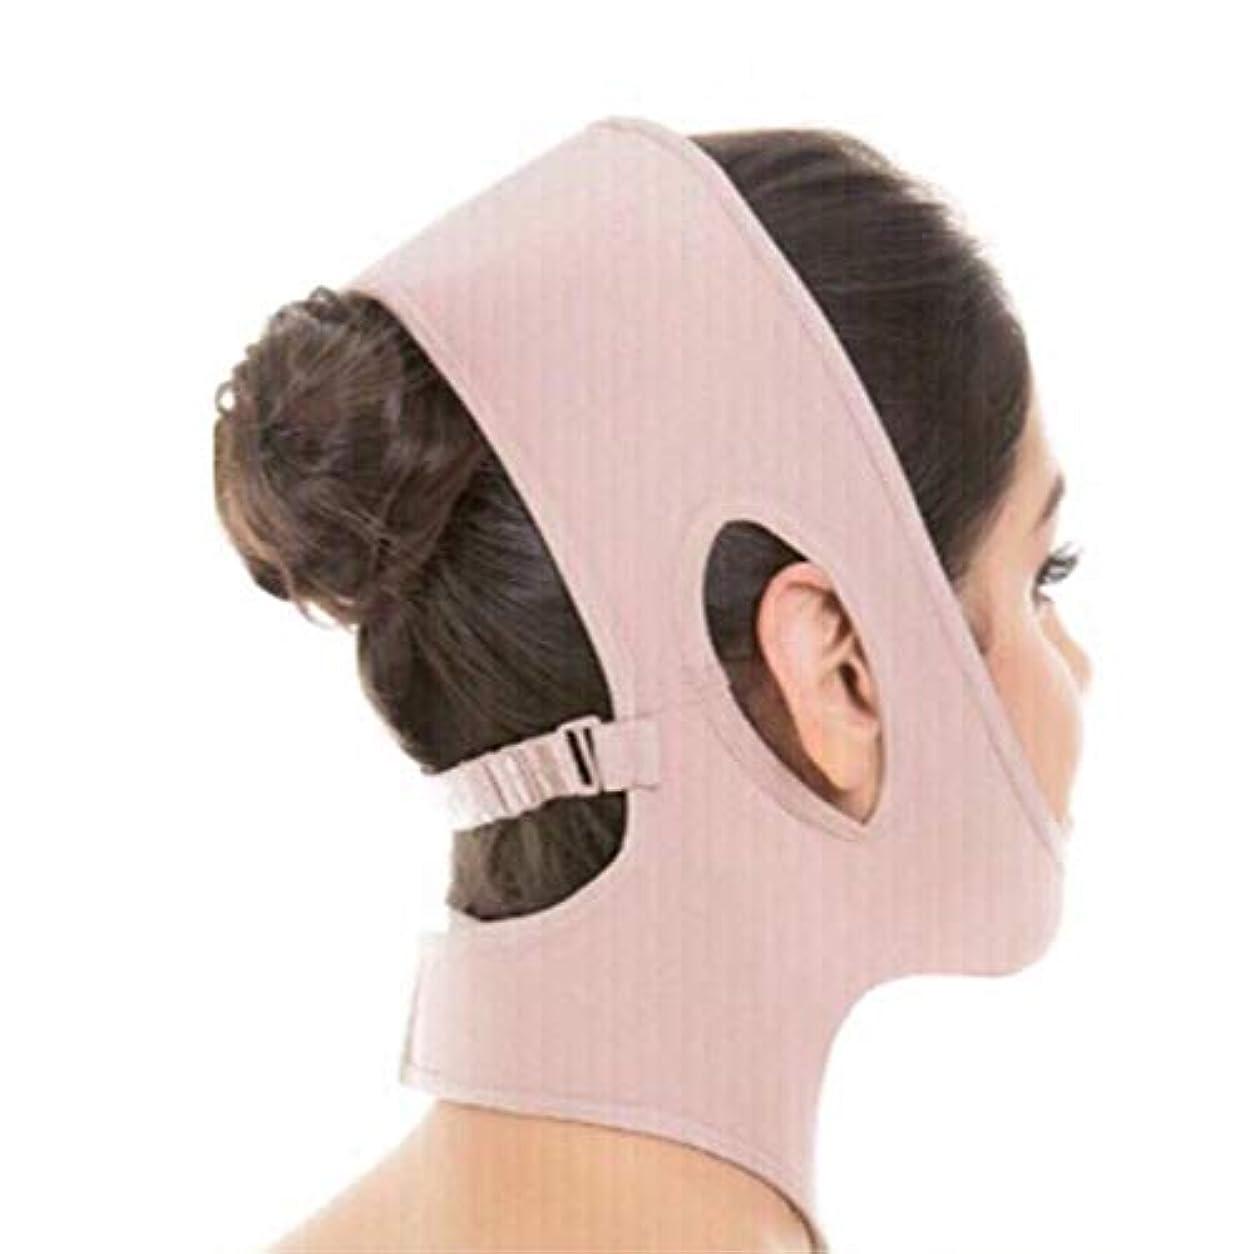 追放クラウンXHLMRMJ フェイスリフティング包帯、フェイスリフティングマスク、顔の皮膚の首と首を持ち上げる、二重あごを減らすために顔を持ち上げる(ワンサイズフィット) (Color : Khaki)